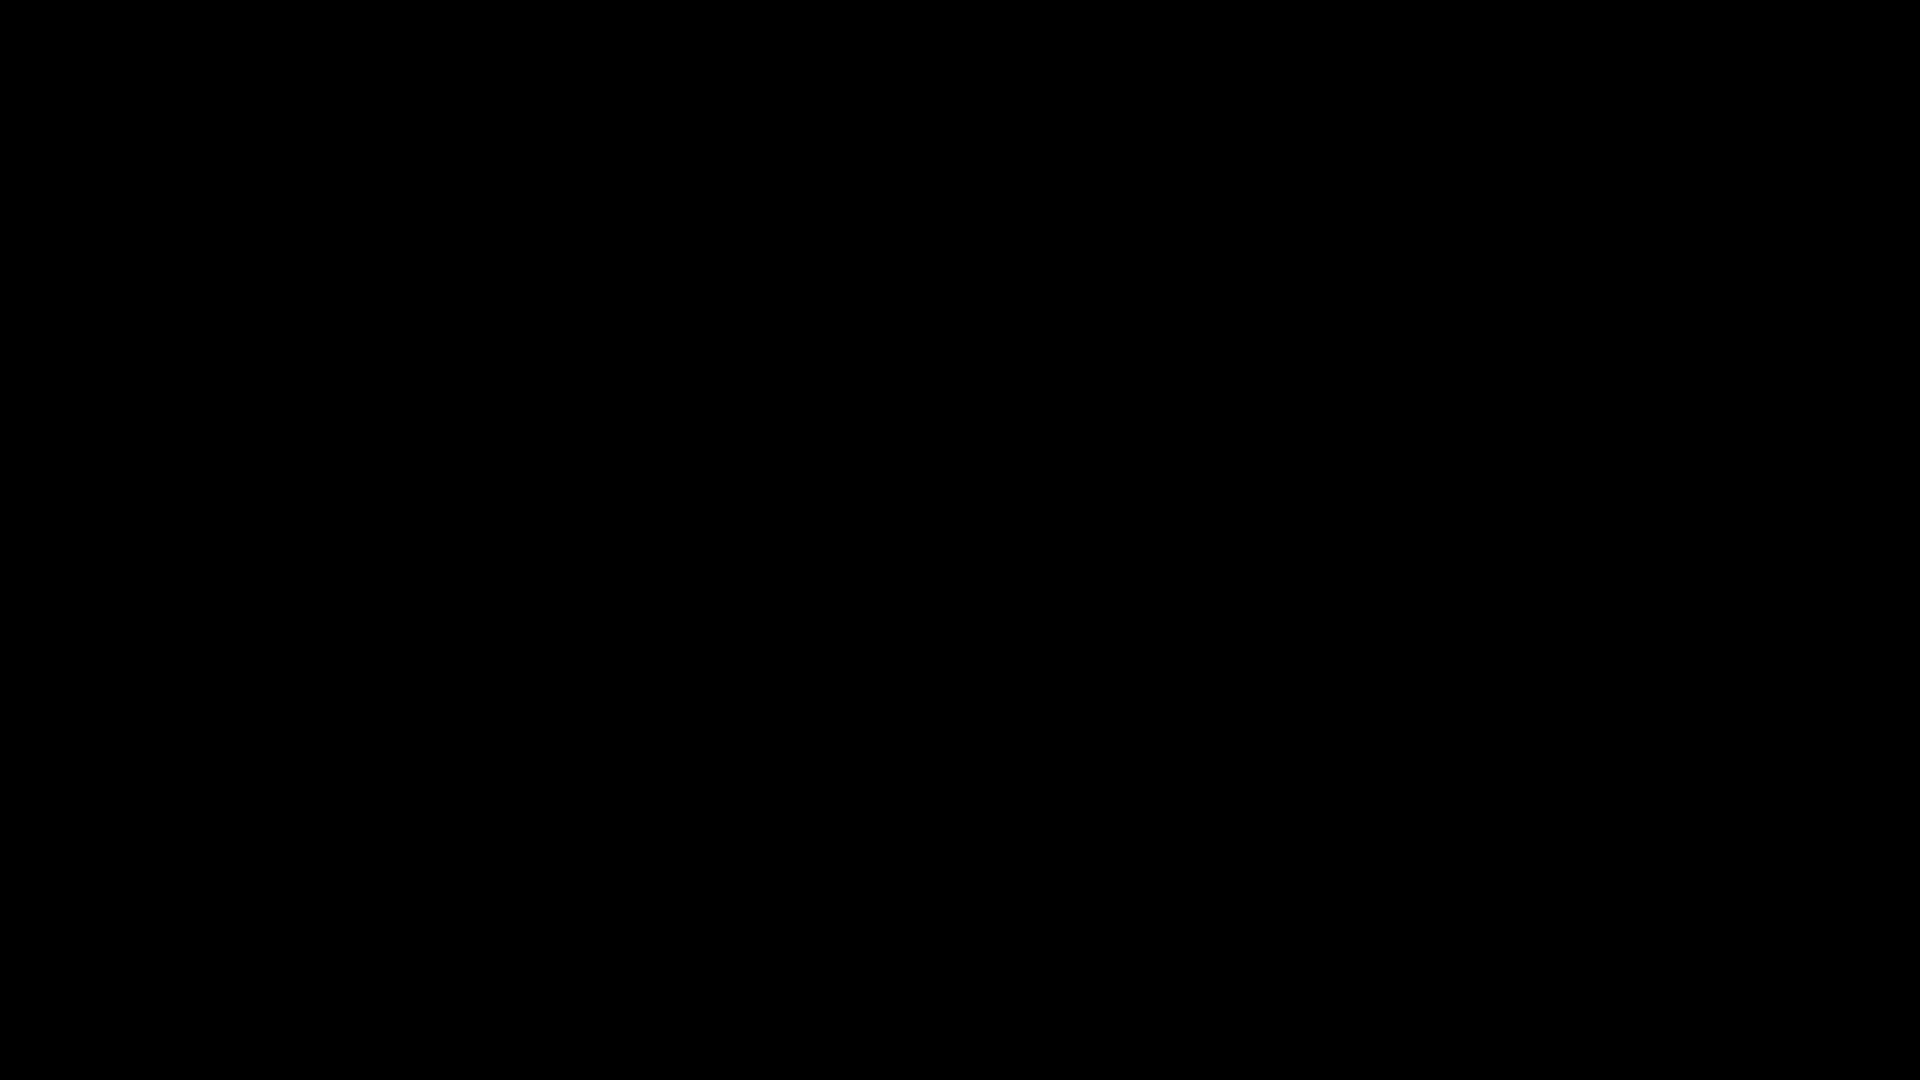 dani1337